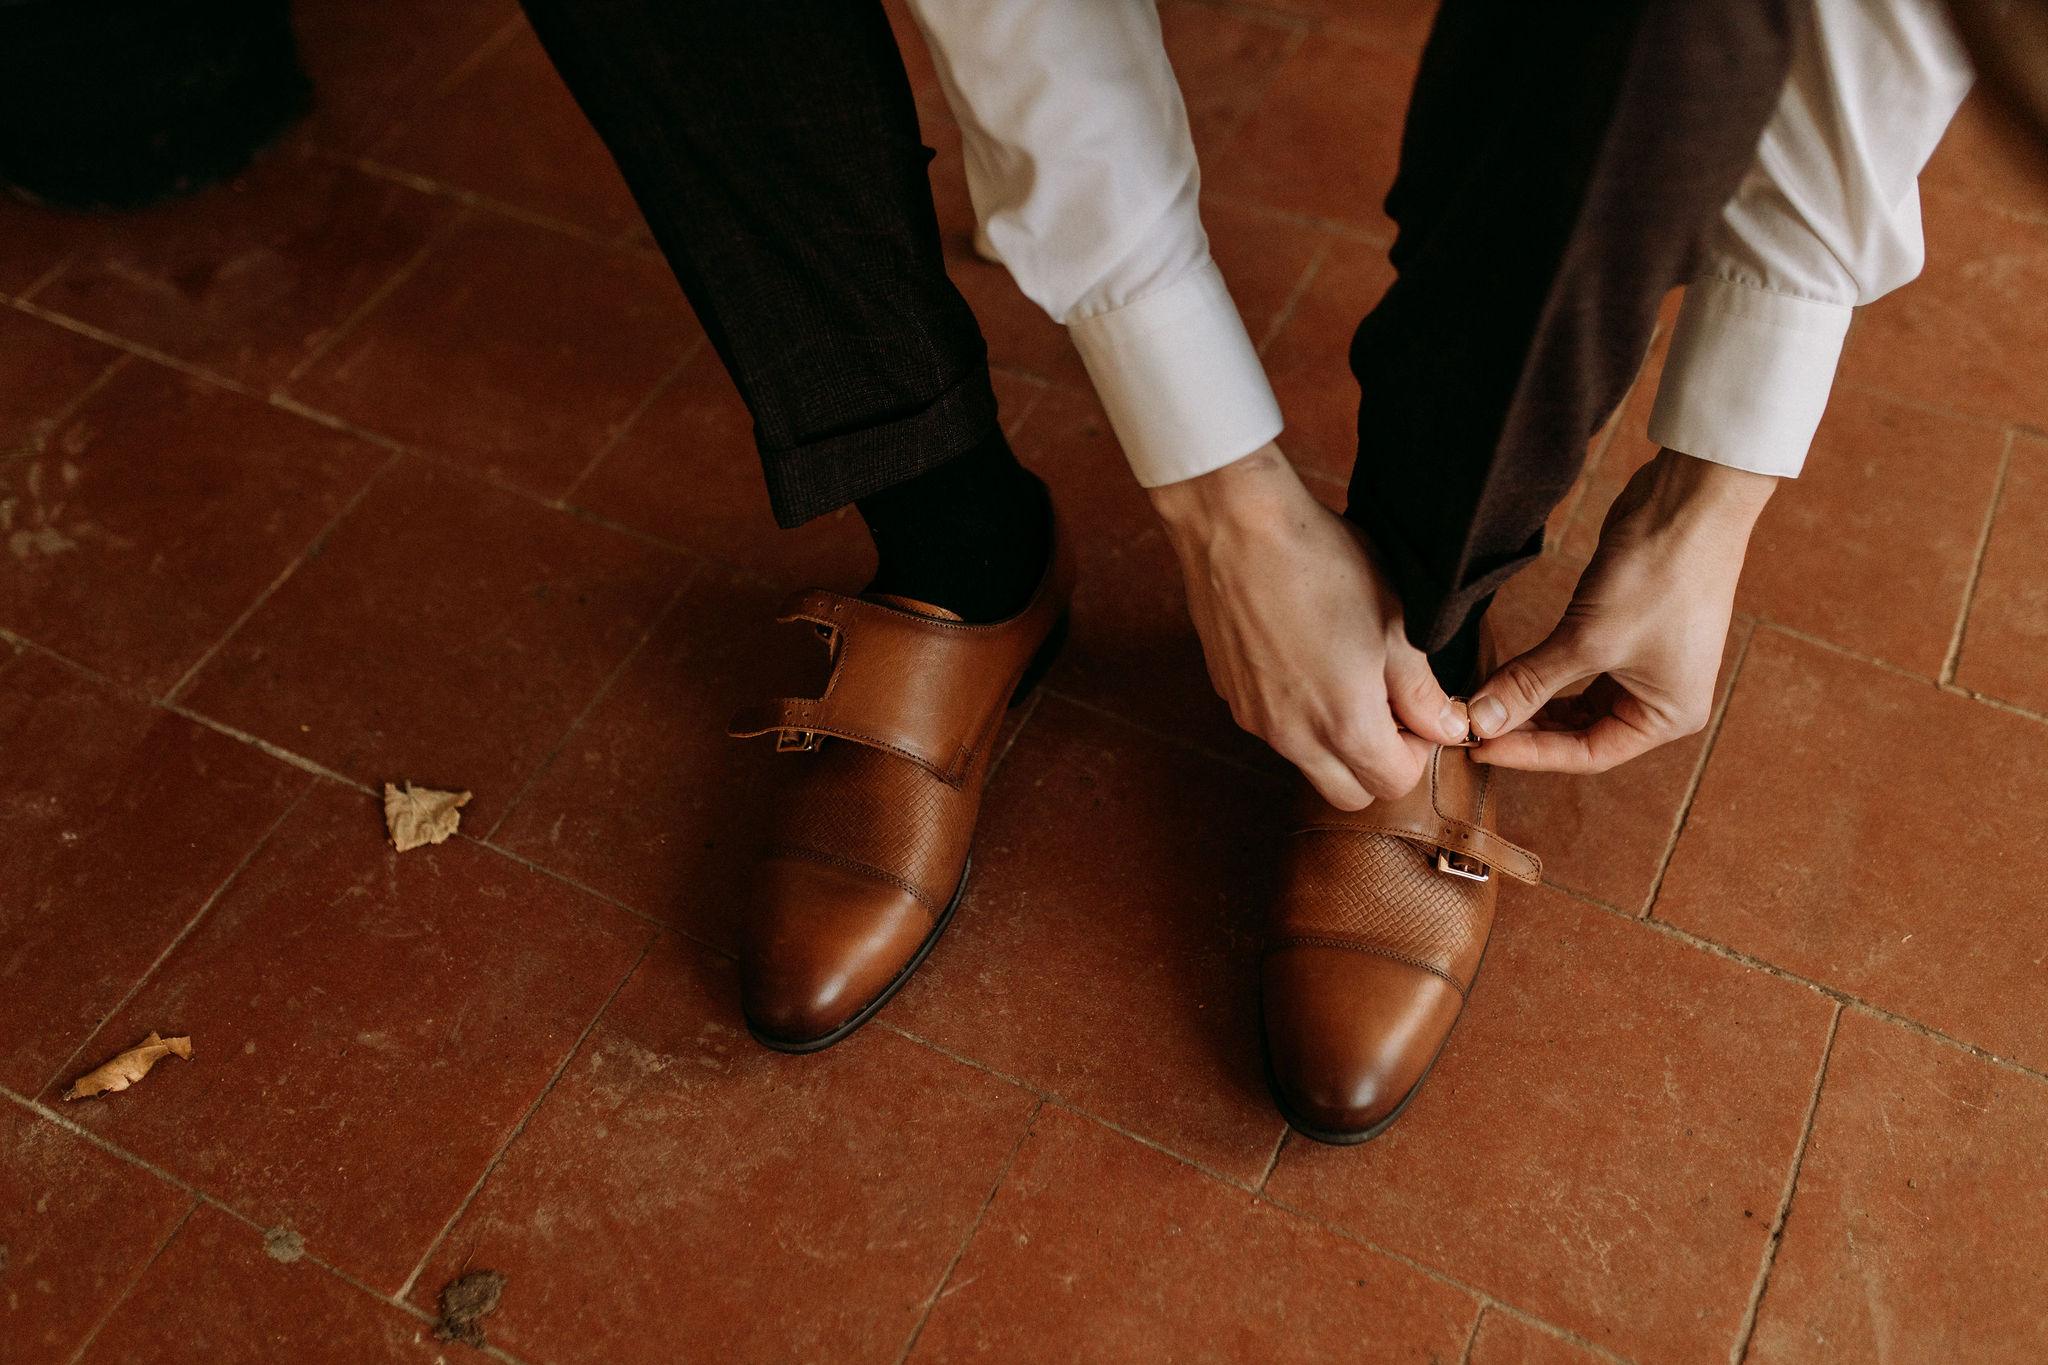 Domaine verderonne mariage préparatif homme